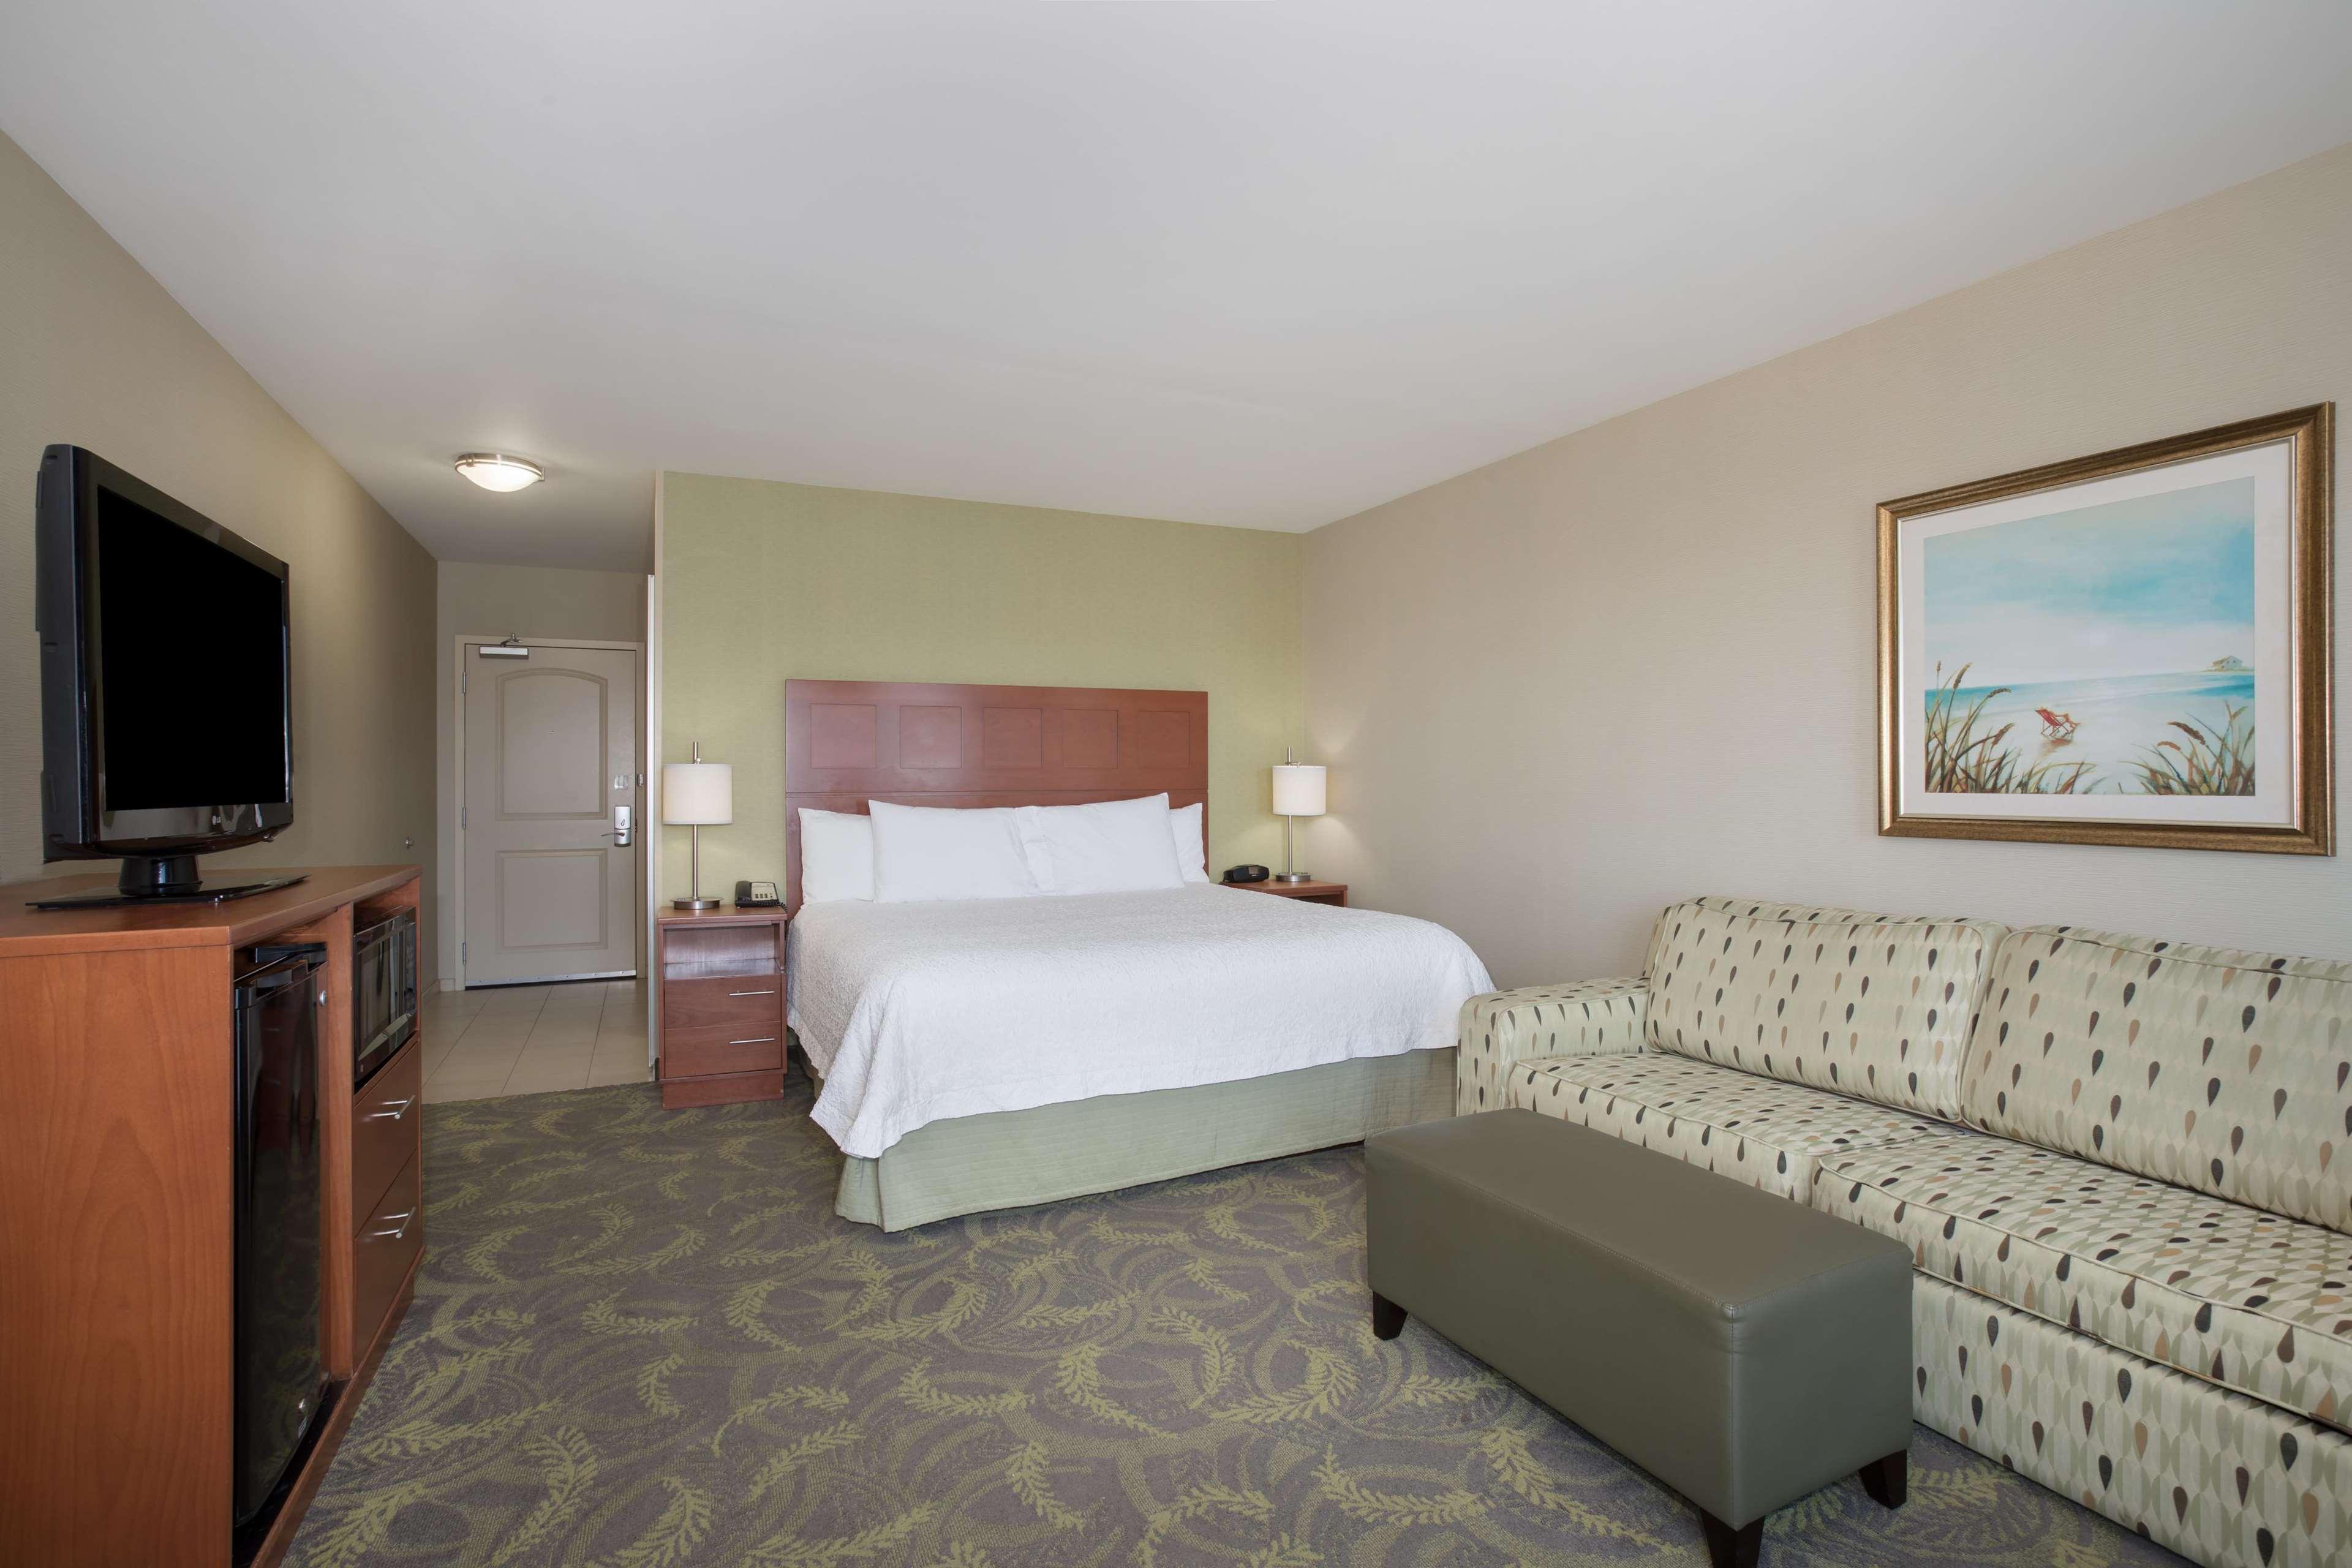 Hampton Inn & Suites Astoria image 69